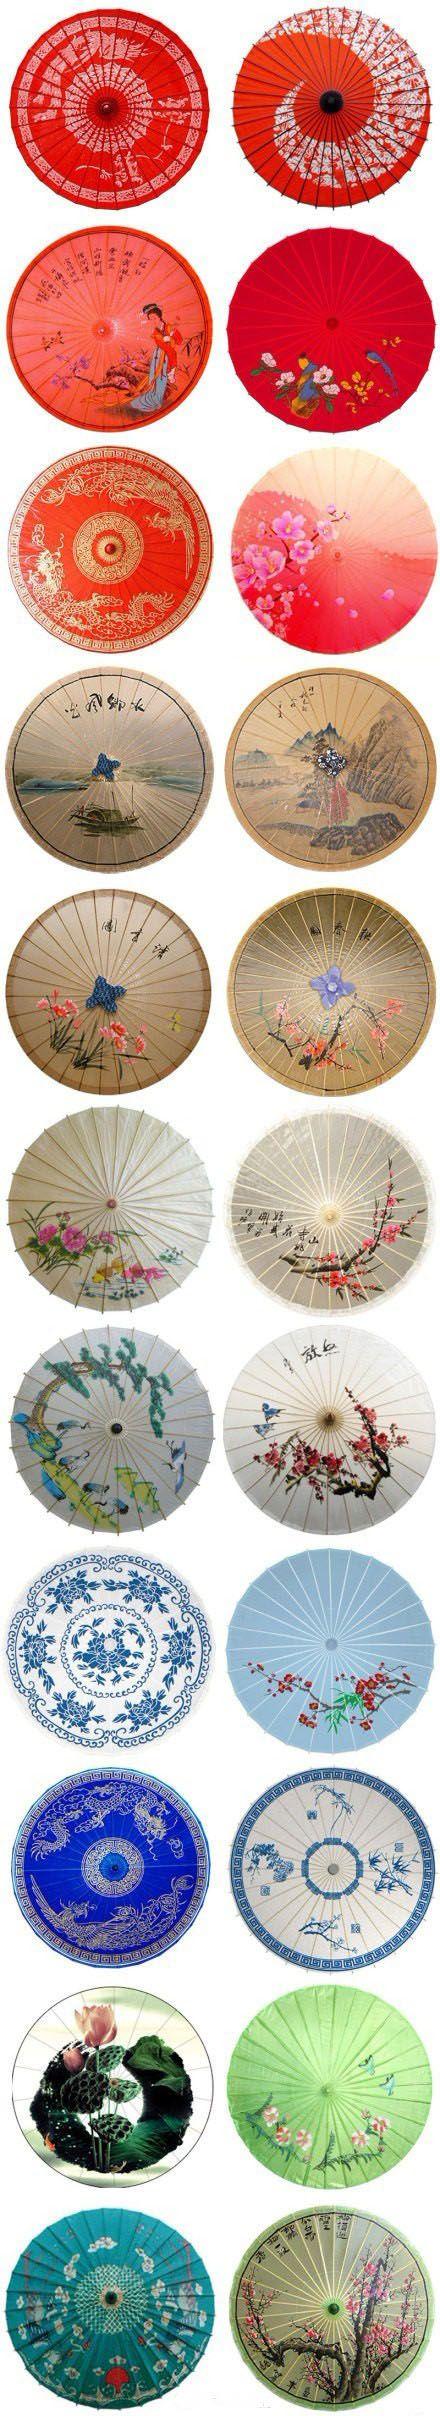 手作り傘 Handmade umbrellas